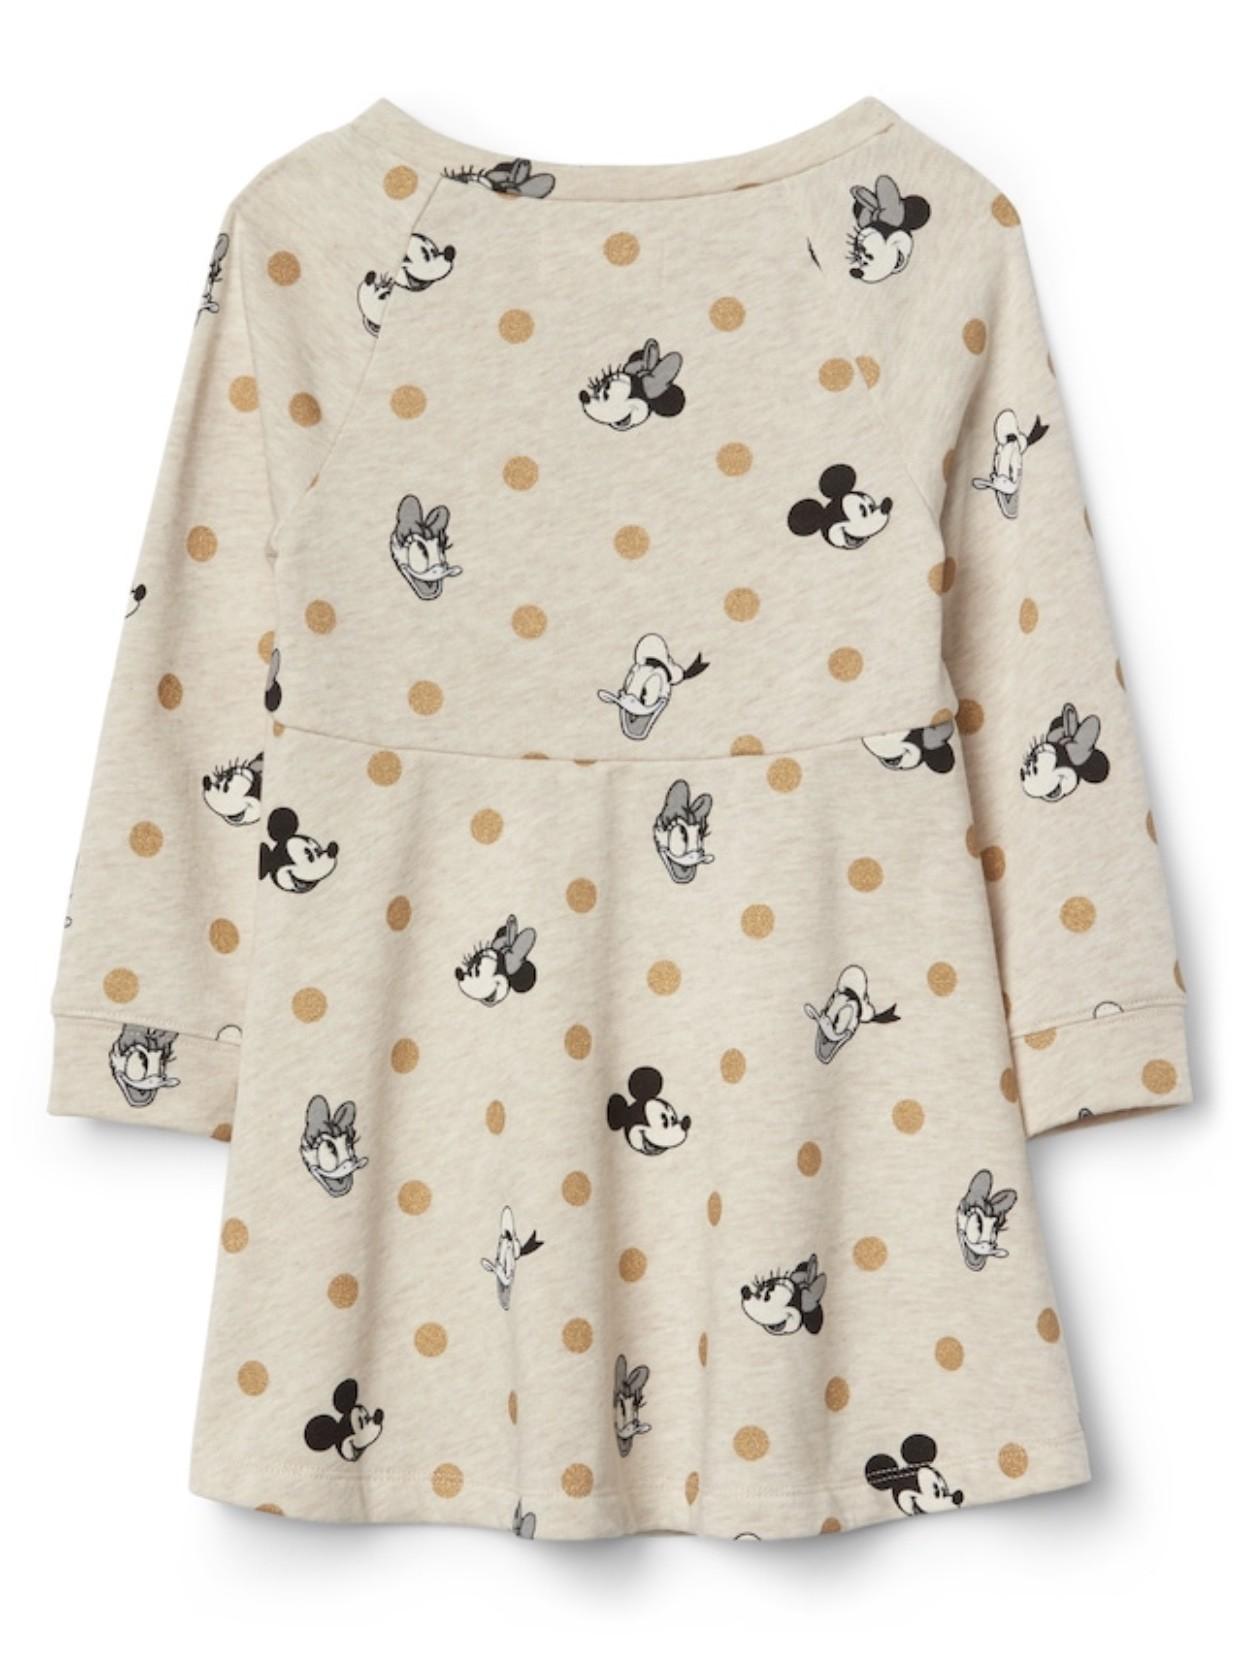 Vestido Baby GAP - Coleção Disney - Moletom Nude